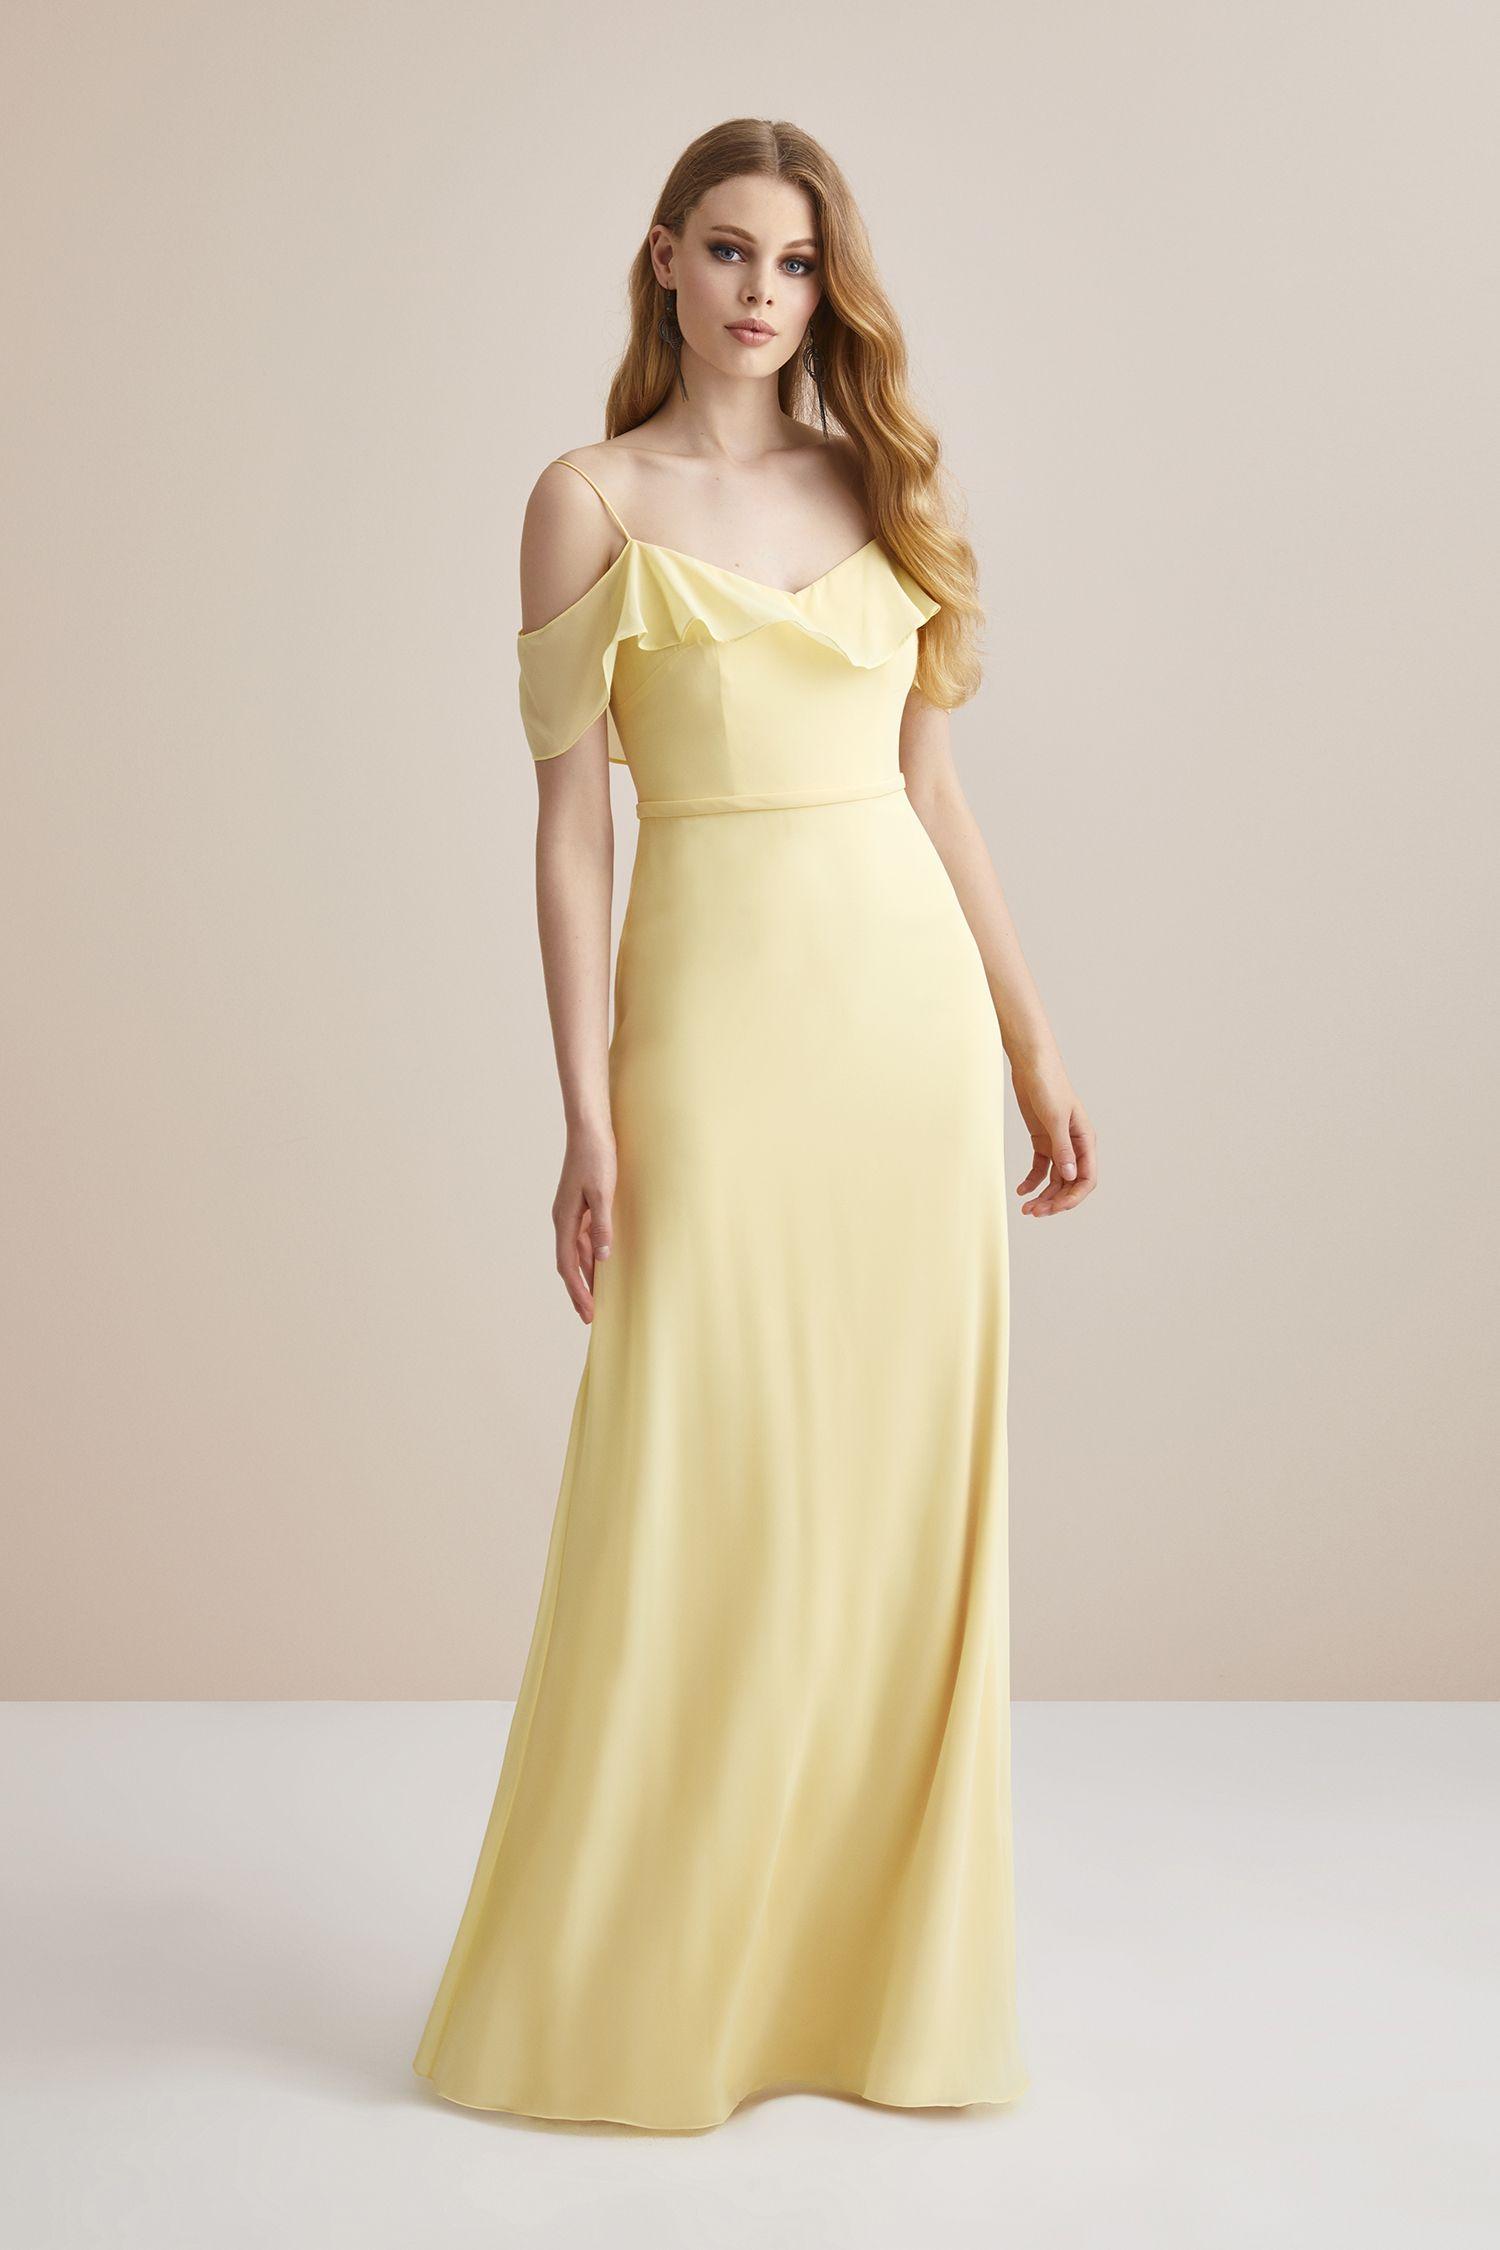 a745f0ace2849 Sarı İnce Askılı Şifon Uzun Abiye Elbise. Düğün gününde gelinin en yakın  arkadaşı Nedimeler şıklığını